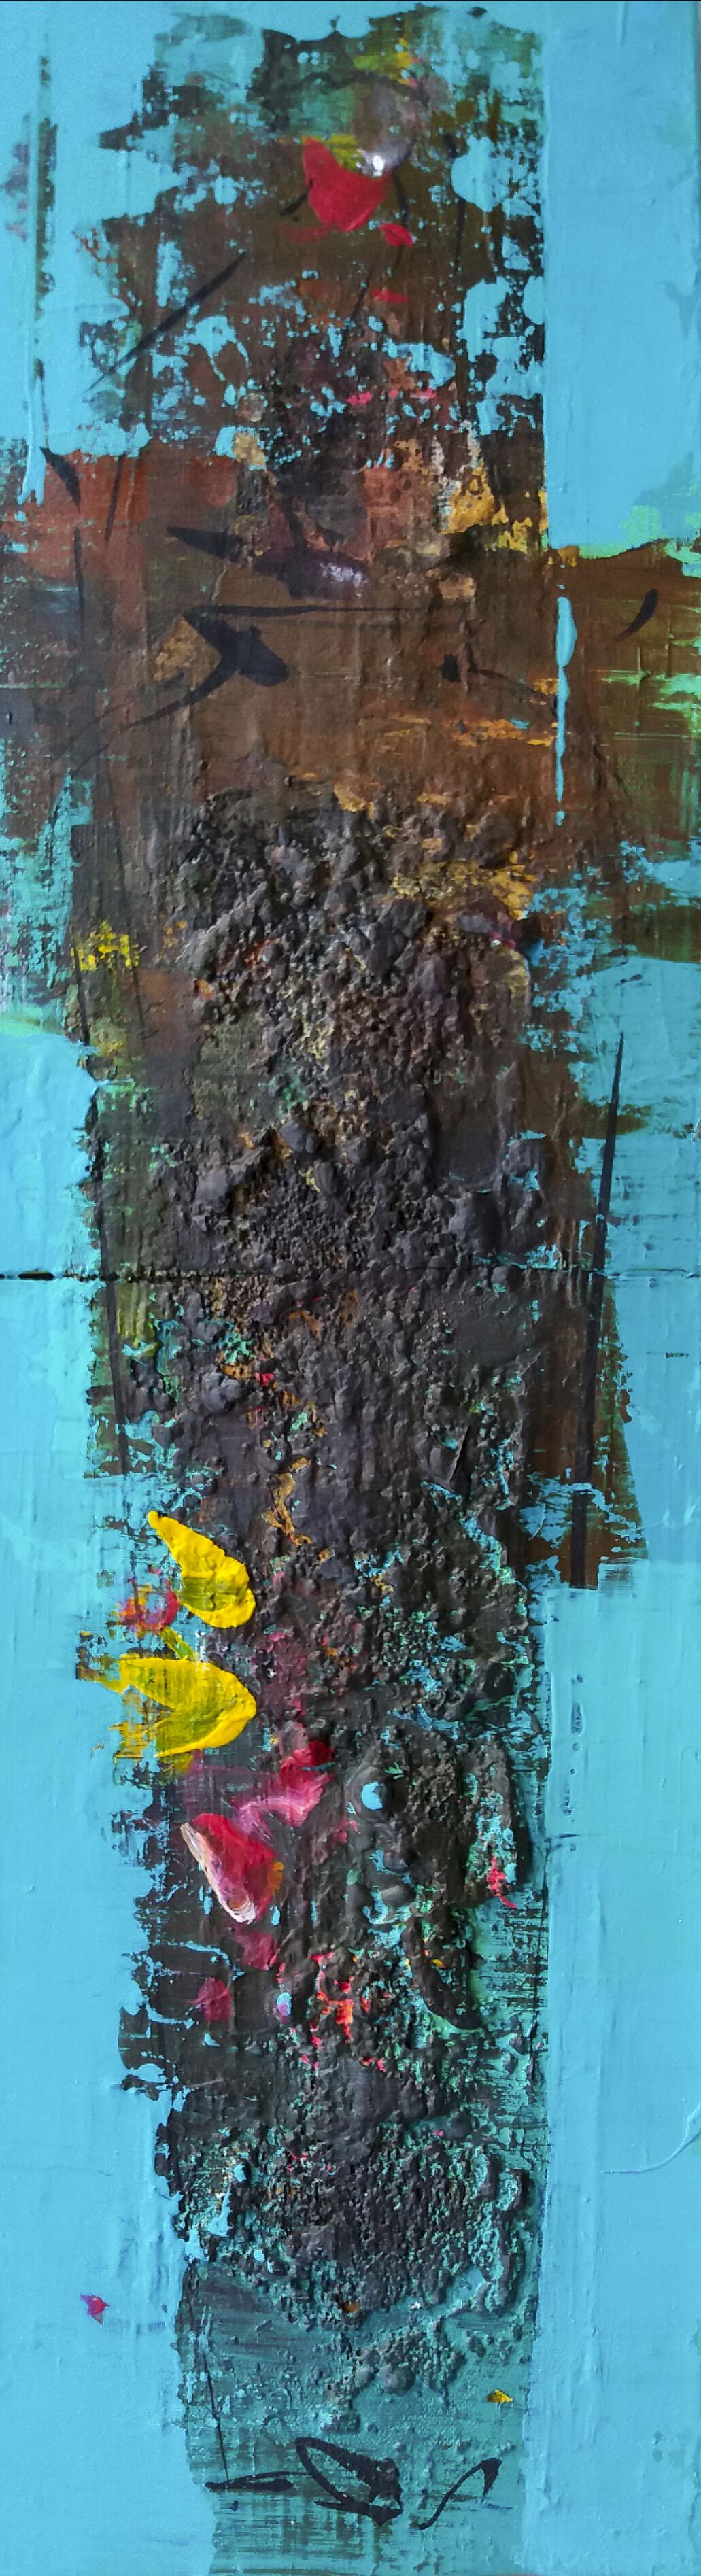 연상록004, 적벽강, 19cm x 67cm, 아크릴및 유화 ,혼합재료, 2017,